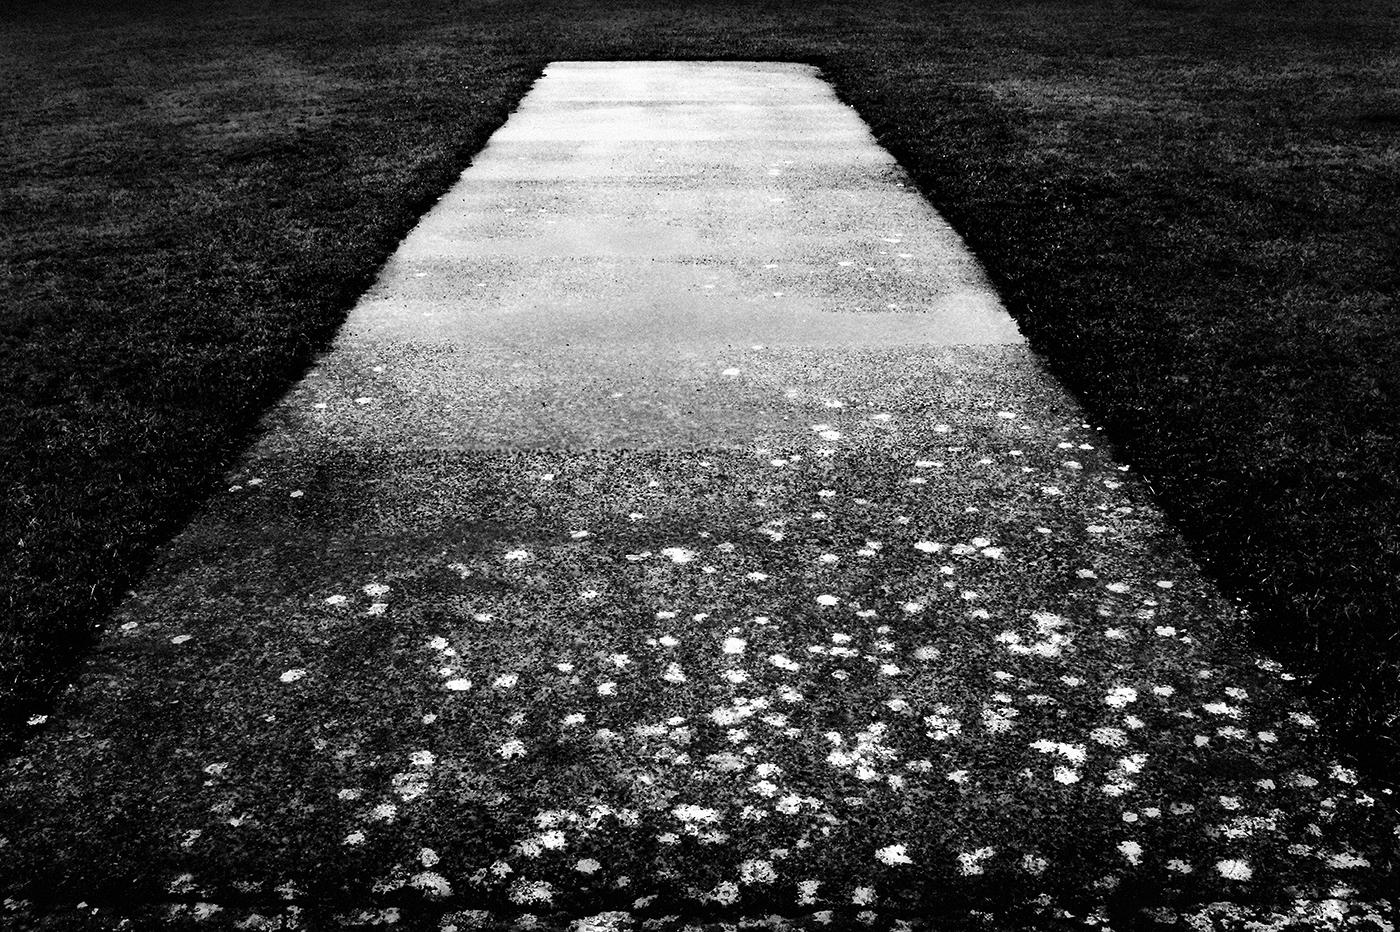 © Robynne Limoges